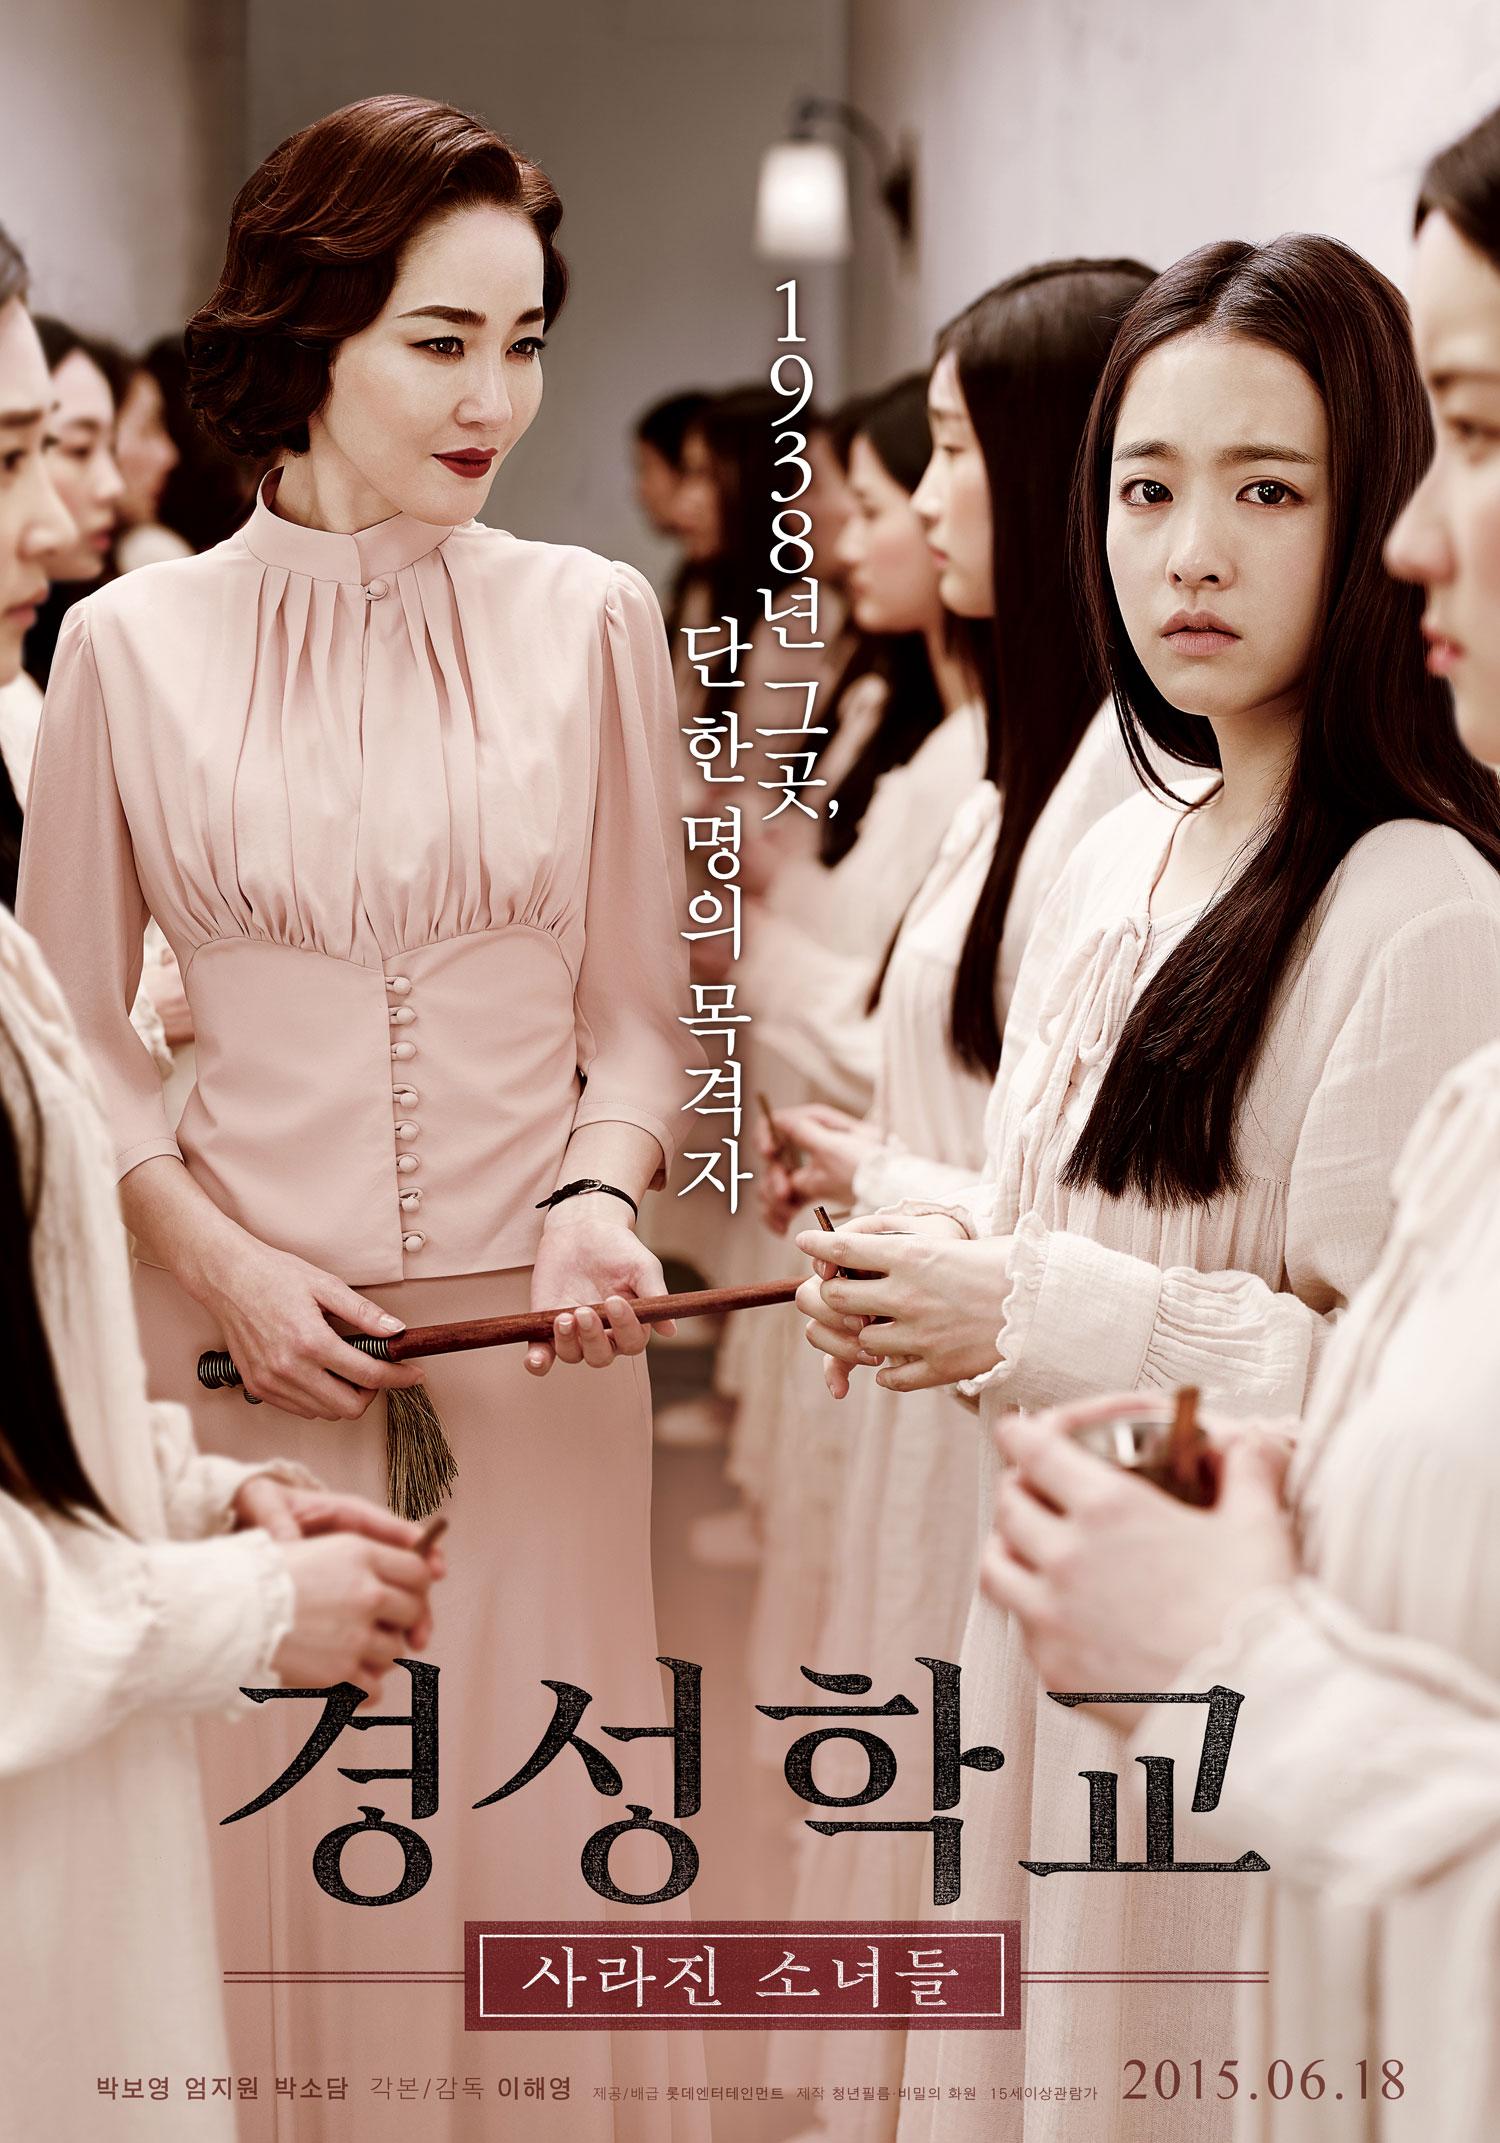 경성학교 : 사라진 소녀들 (The Silenced, 2014)